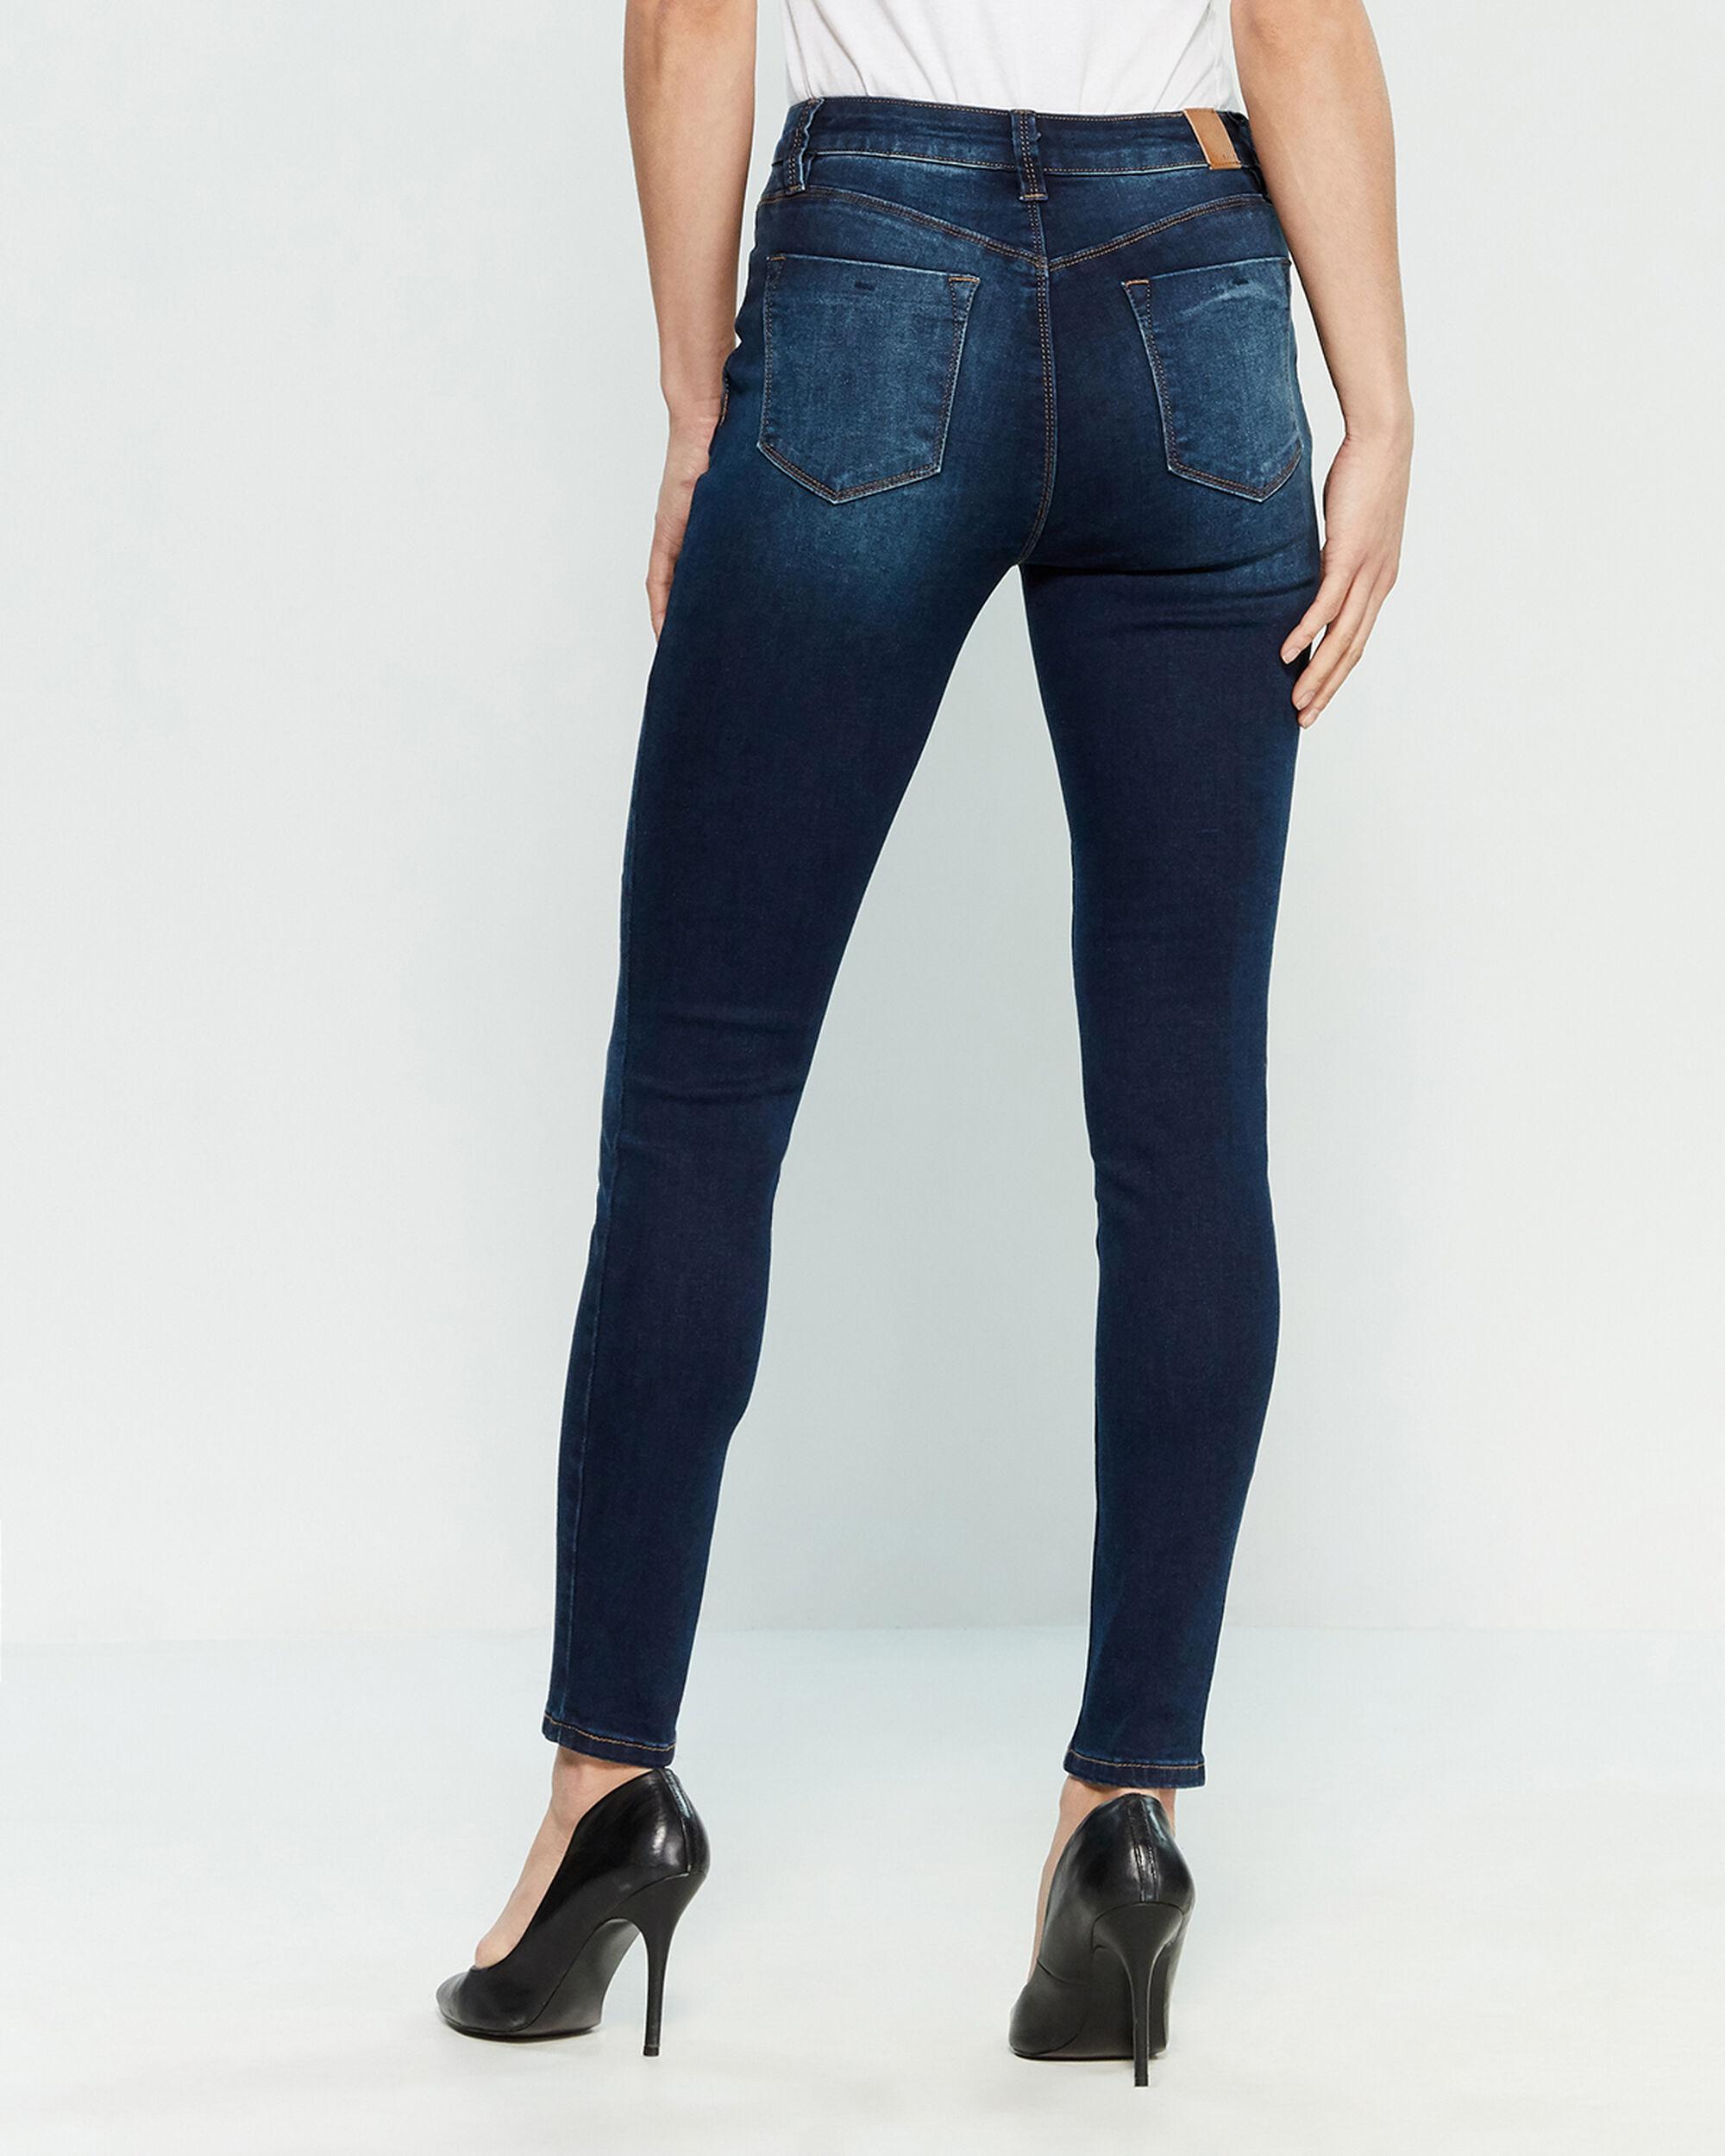 add1f150a7 YMI Dark Wash High-rise Skinny Jeans in Blue - Lyst